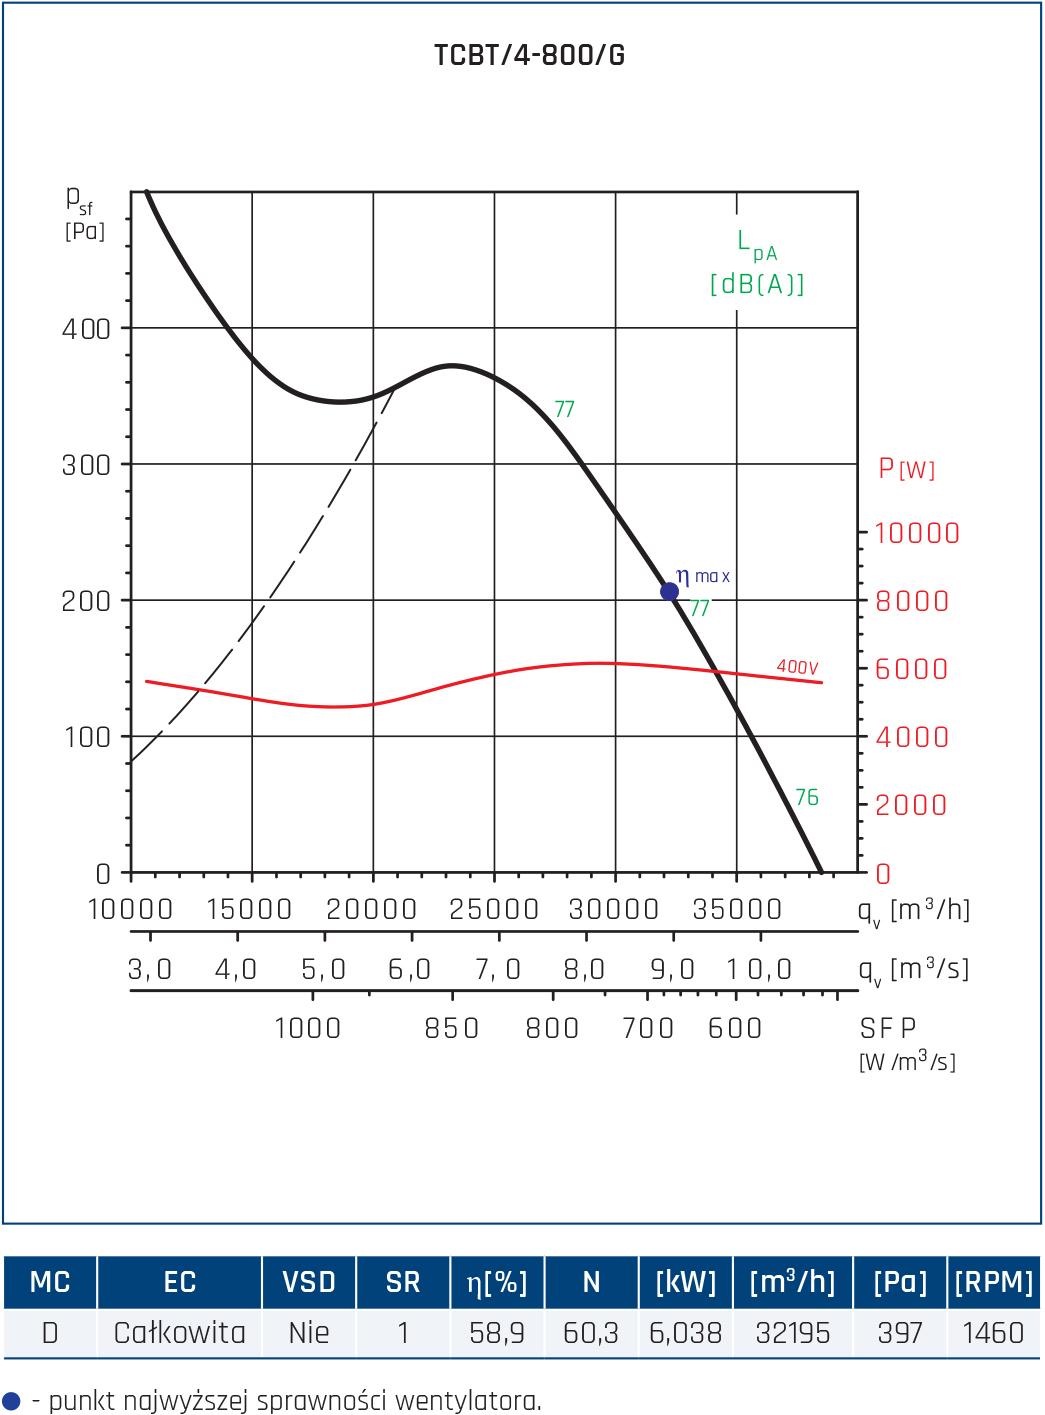 Wentylator Compact TCBB/TCBT 56